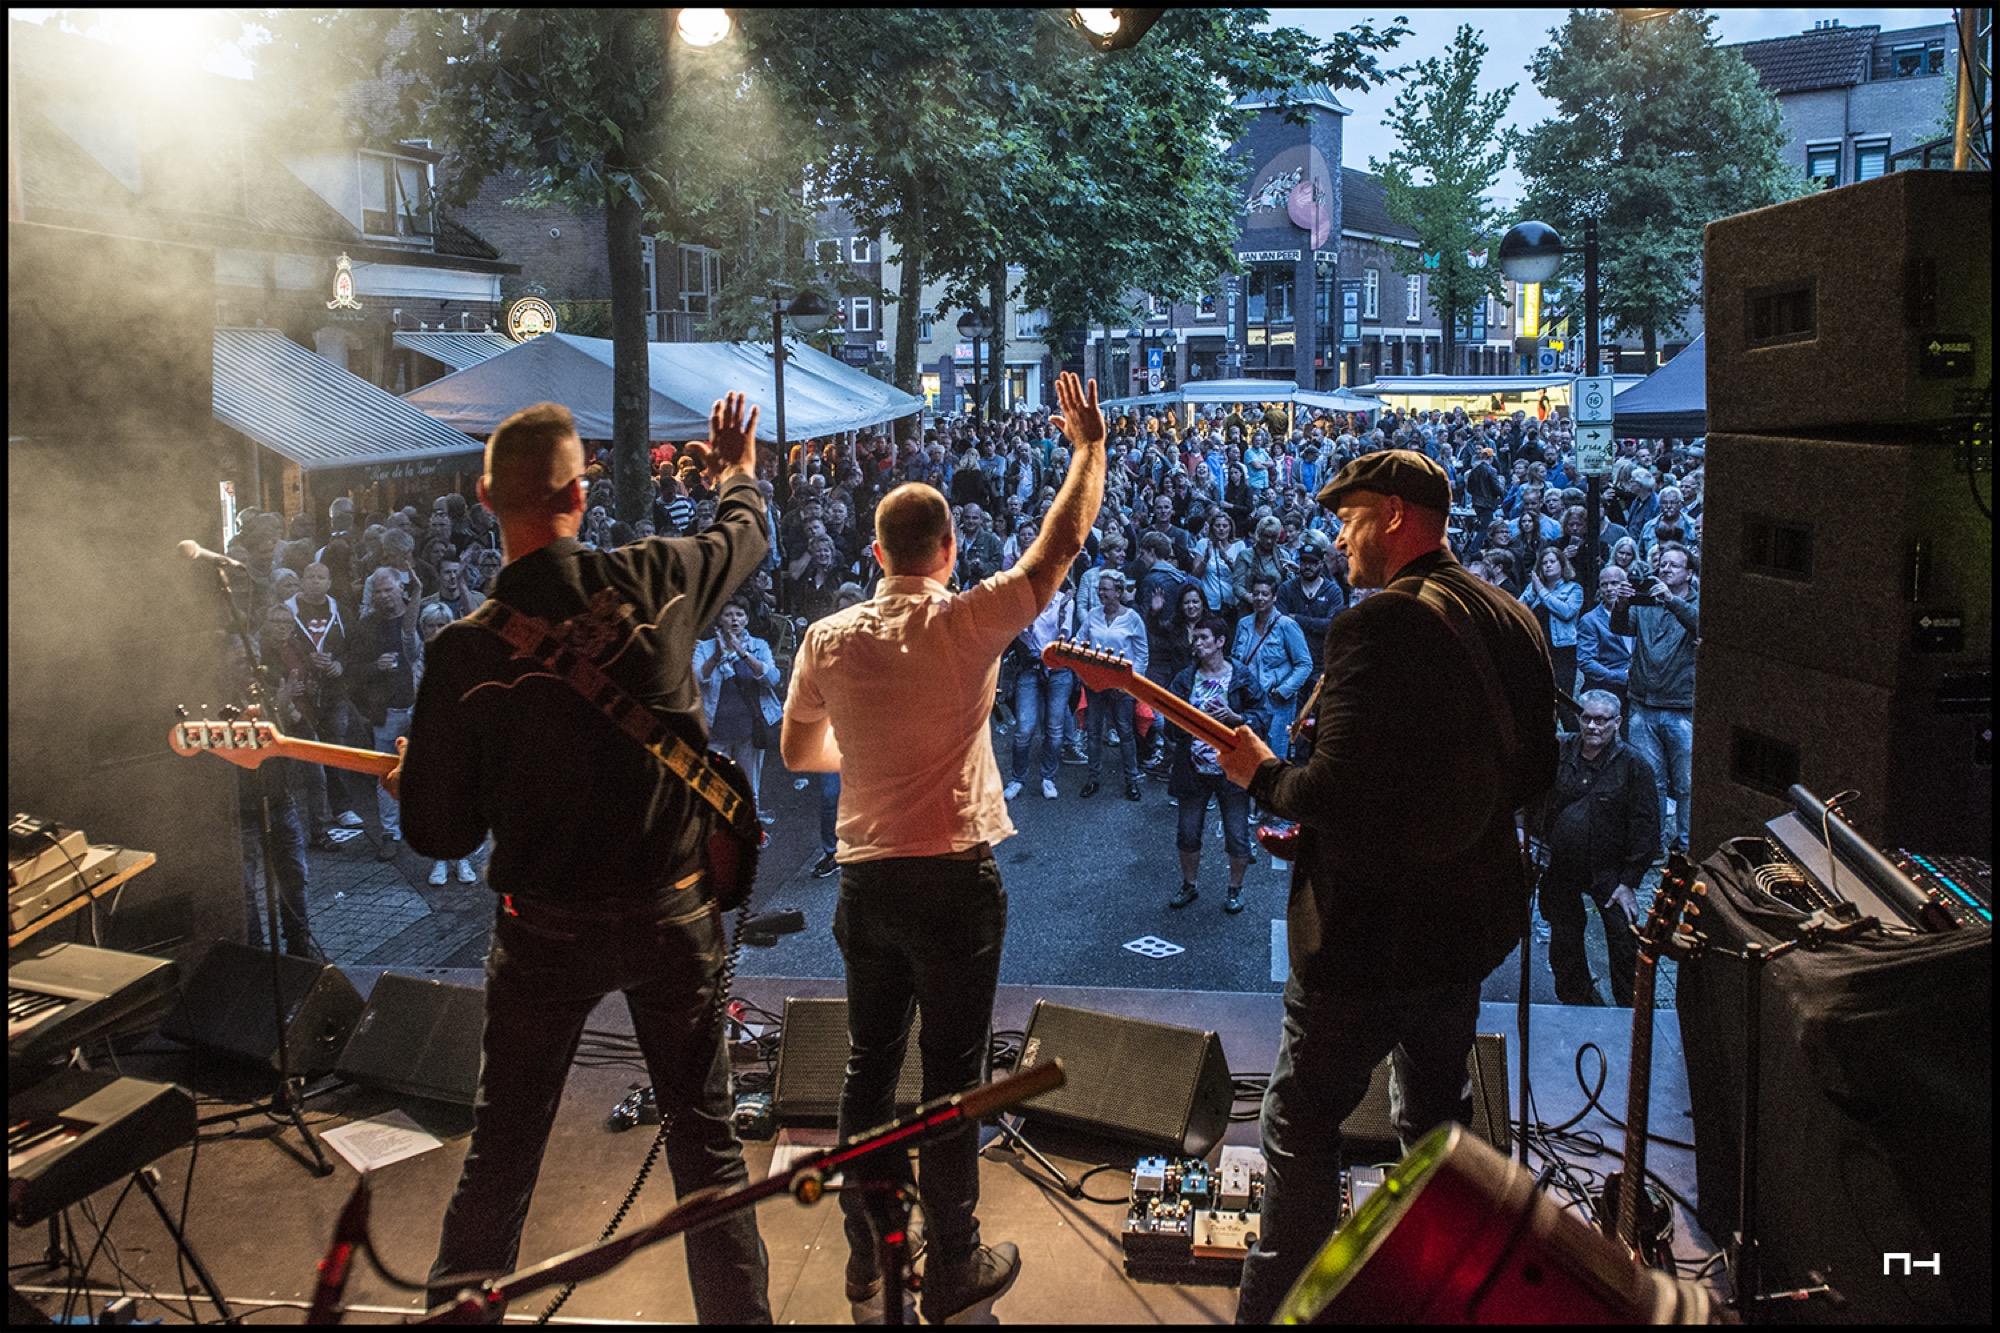 Enthousiast publiek tijdens C'est la Vie in Emmen 2017